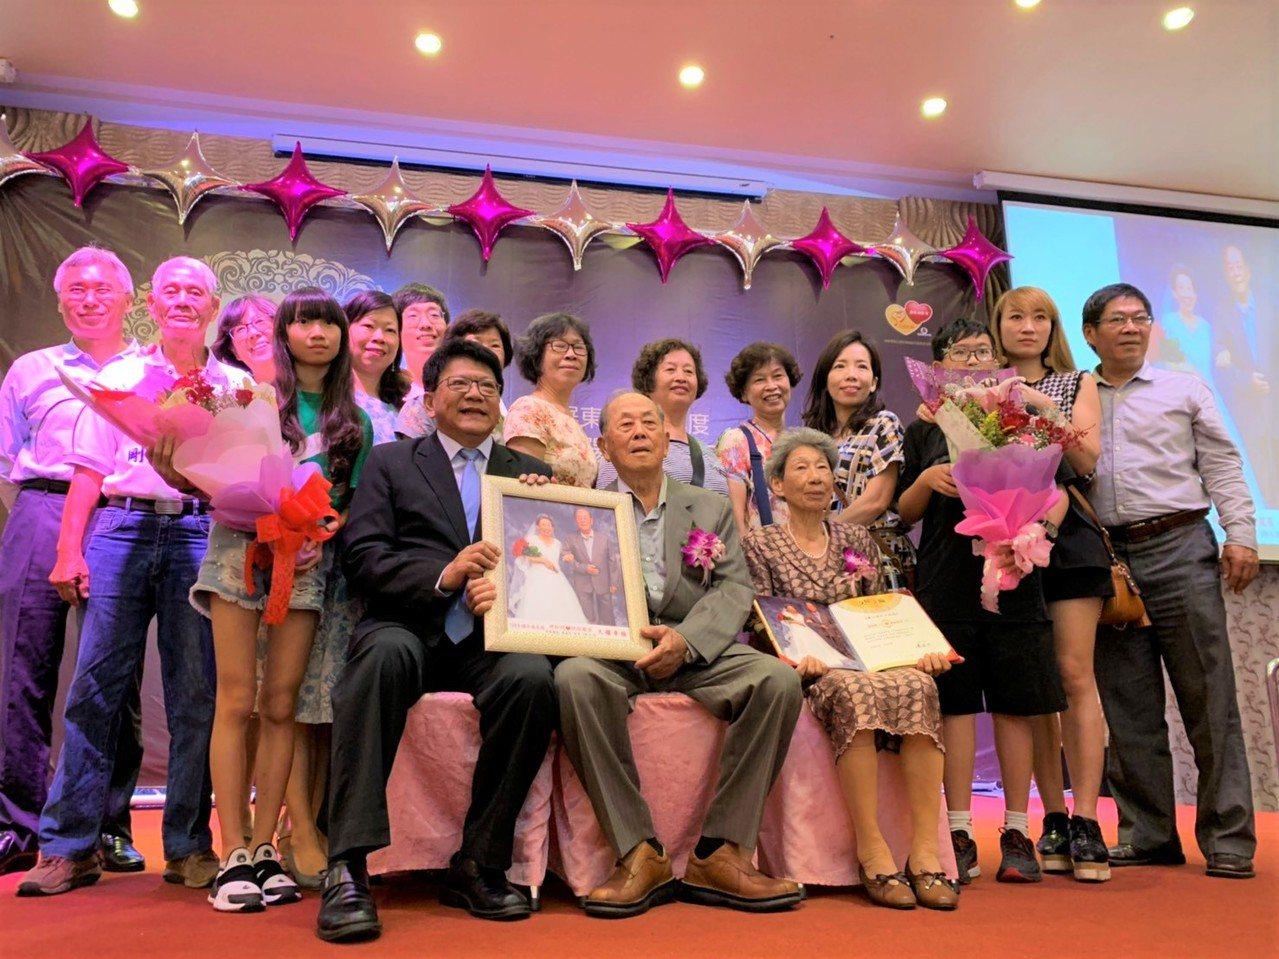 來自長治鄉的胡松明與胡徐鳳英結婚64年,兩人恩愛如昔,昨由家人陪同一起接受表揚。...